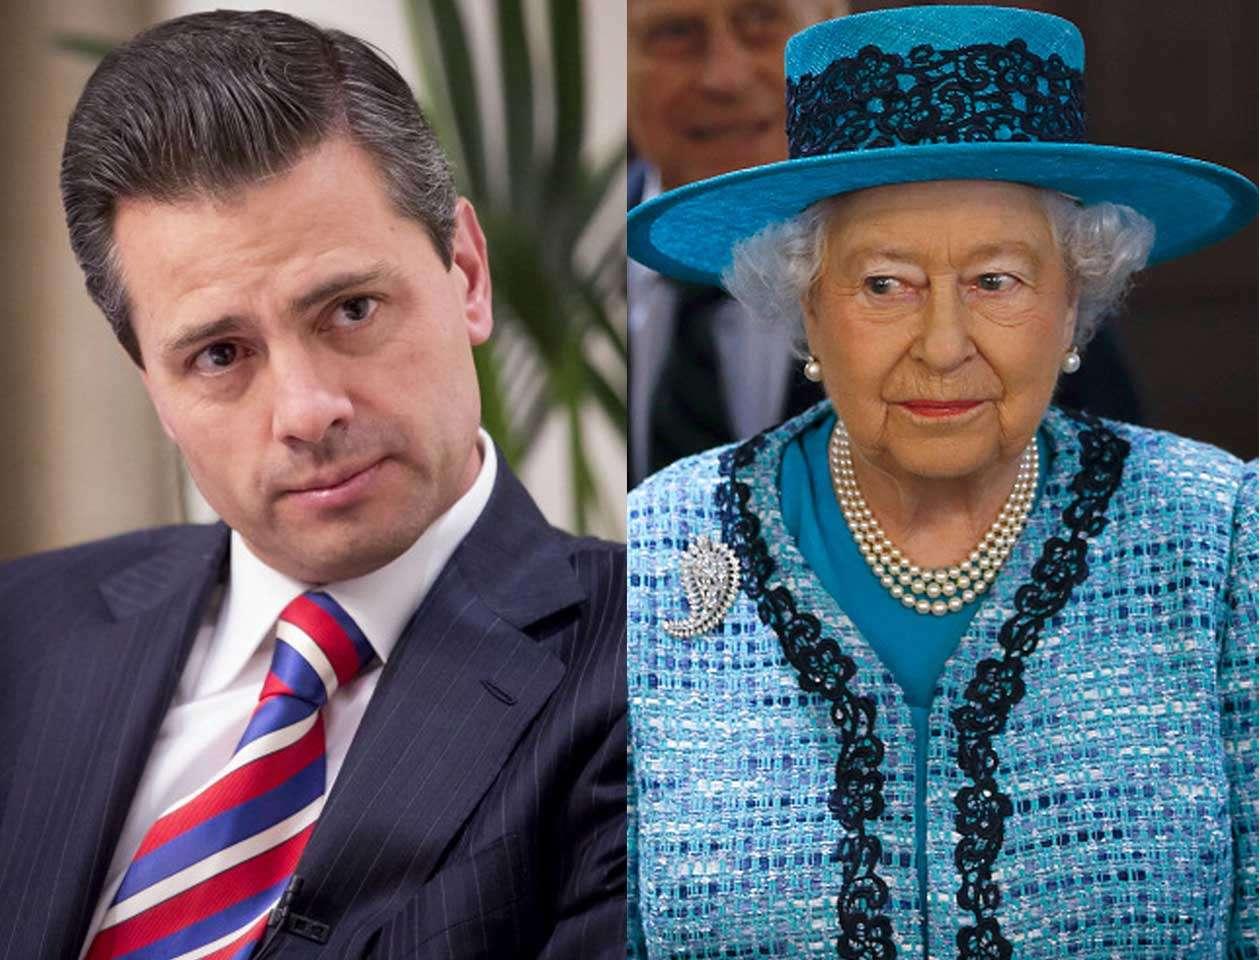 La visita de Estado tiene lugar en el marco de las celebraciones del Año Dual México Reino Unido. Foto: Getty Images/Especial